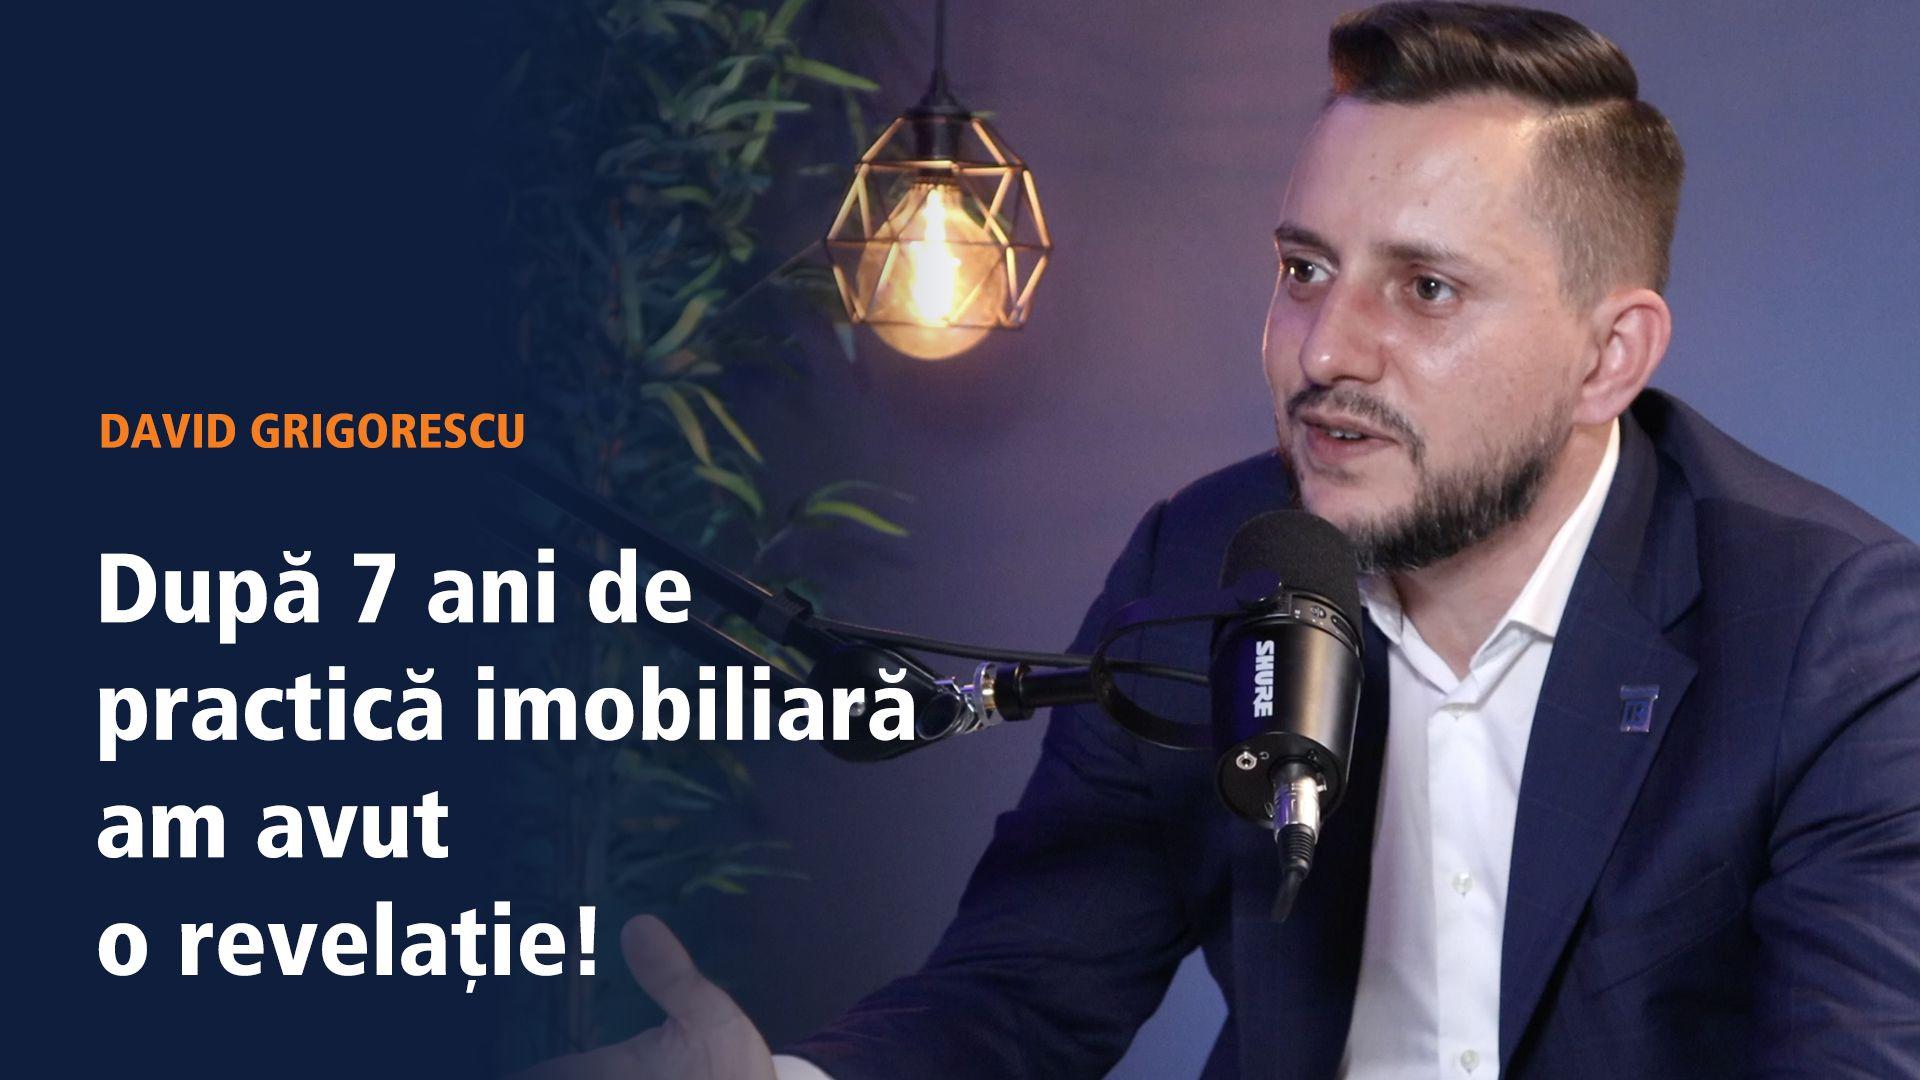 David Grigorescu - După 7 ani de practică imobiliară am avut o revelație